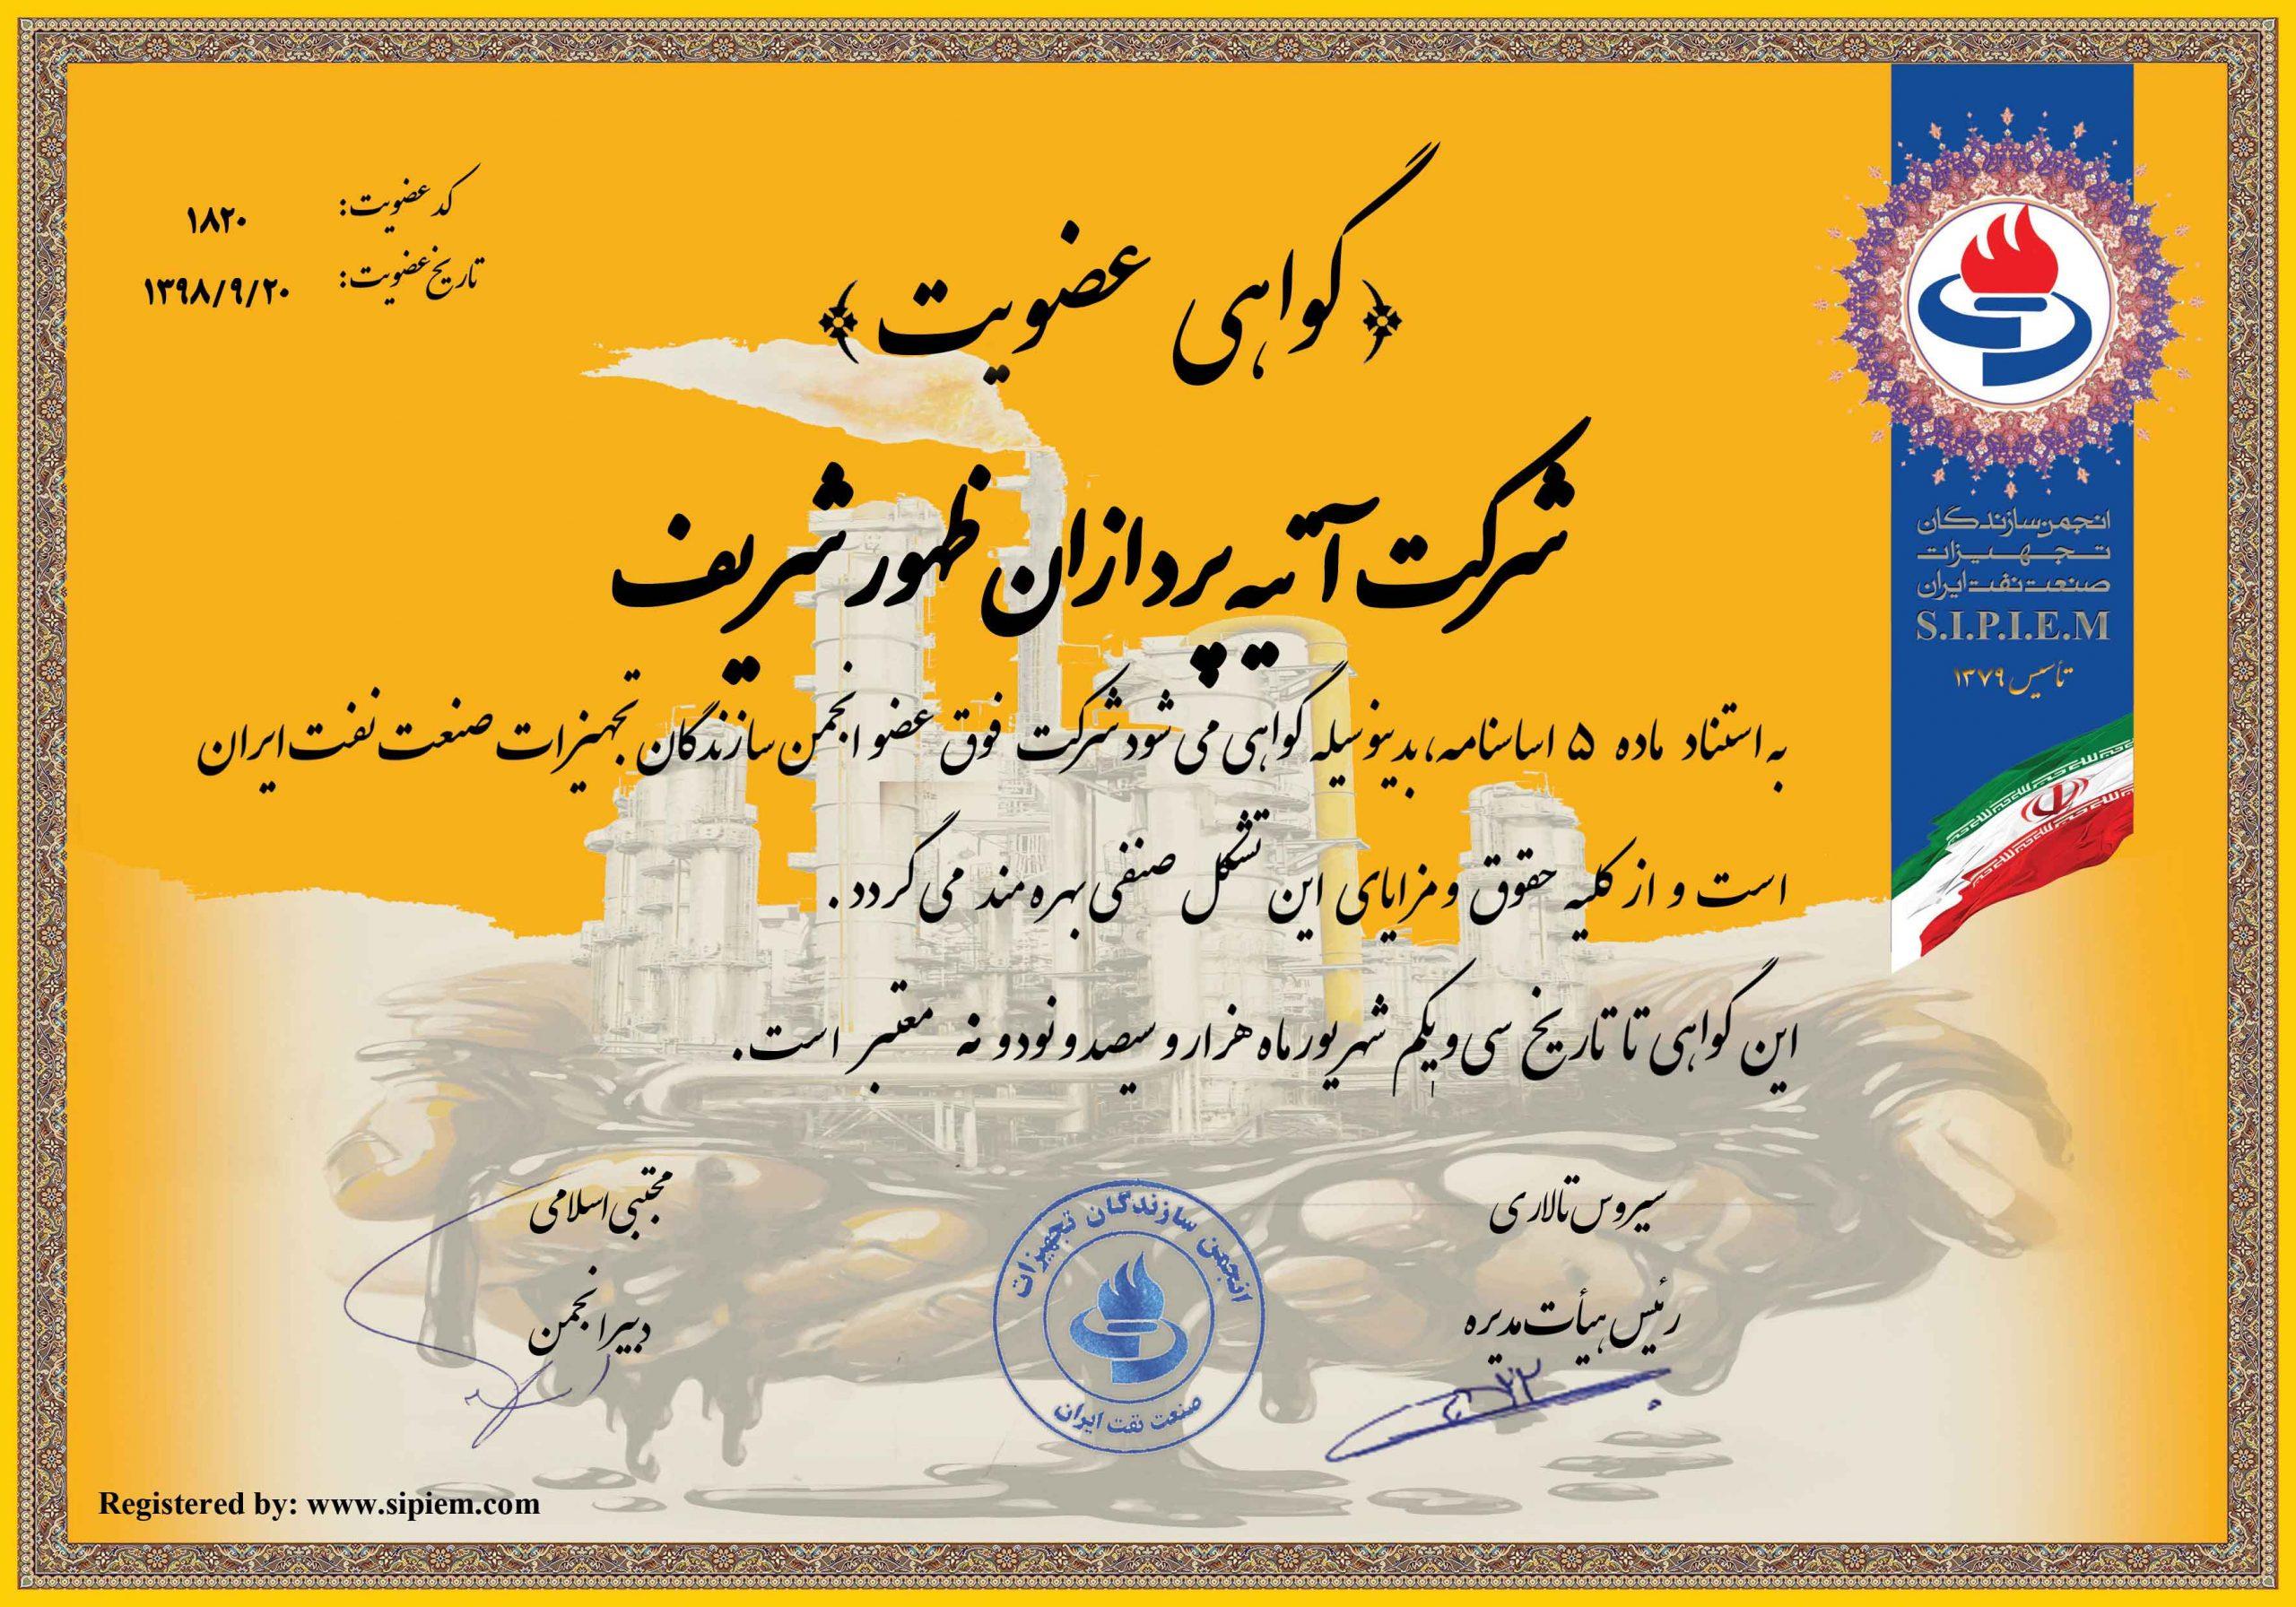 سازندگان تجهیزات صنعت نفت ایران